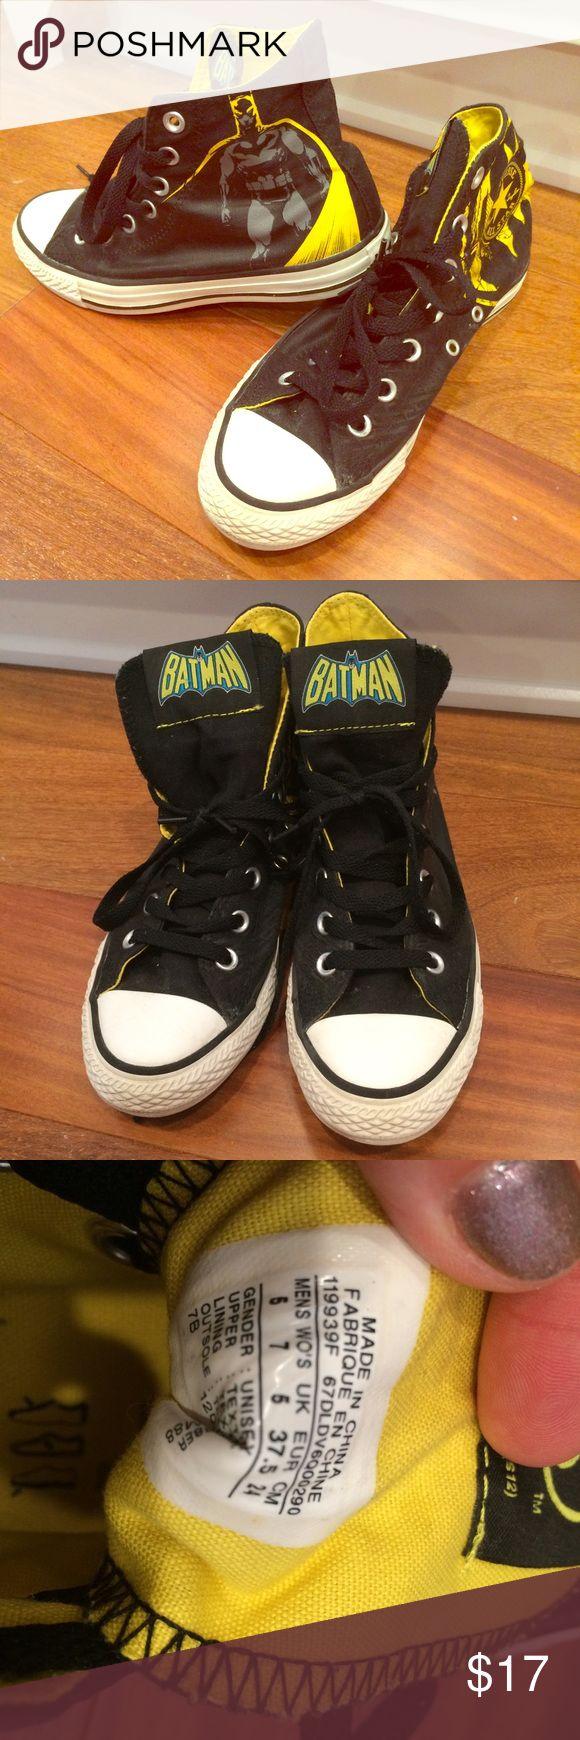 Batman Converse limited Edition Men's 5, women's 7. EUR 37.5. Very good condition. Limited edition Batman shoes. Bundle for discount! Converse Shoes Athletic Shoes